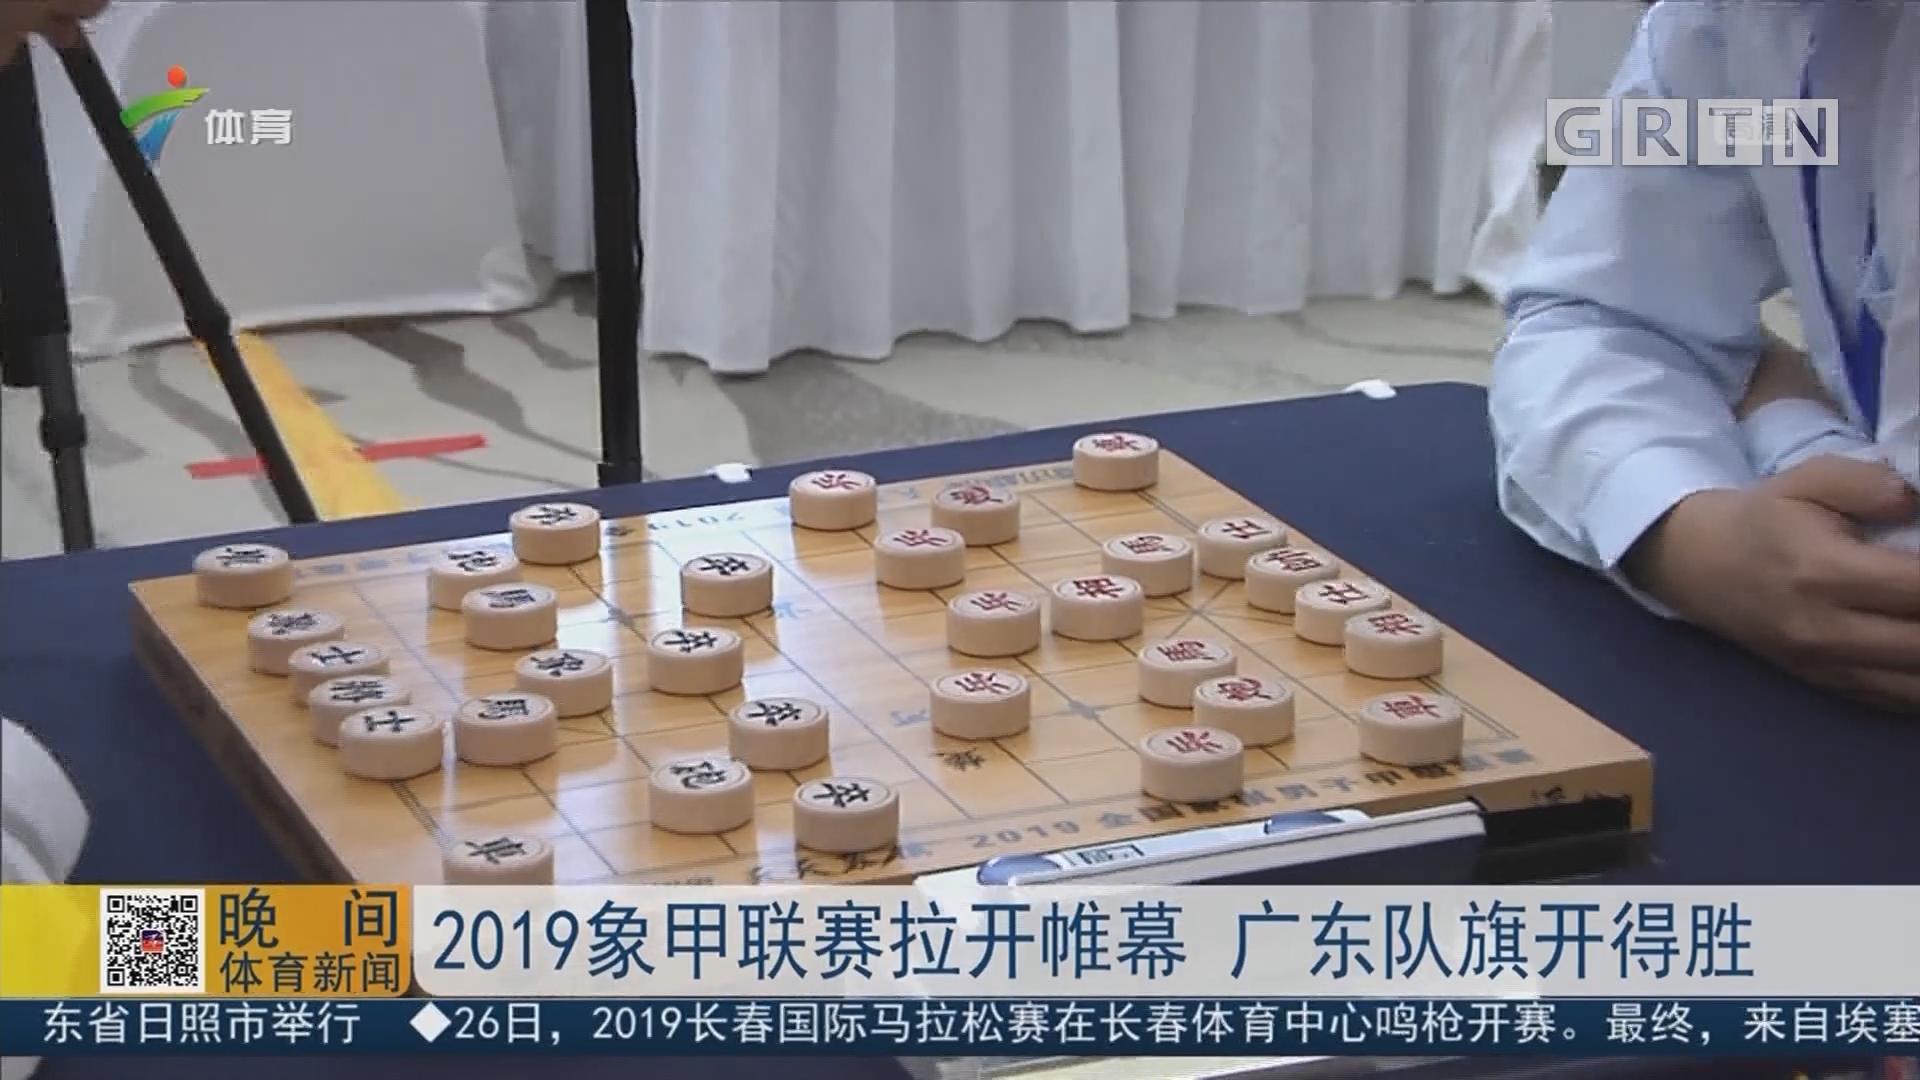 2019象甲联赛拉开帷幕 广东队旗开得胜